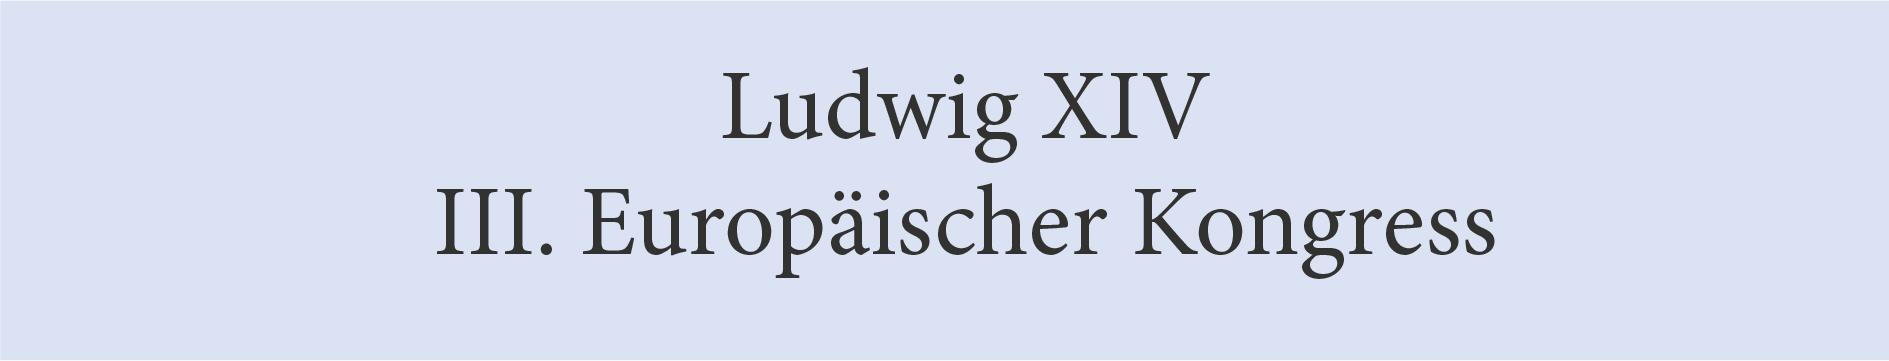 Römische Zahlen in der Typografie